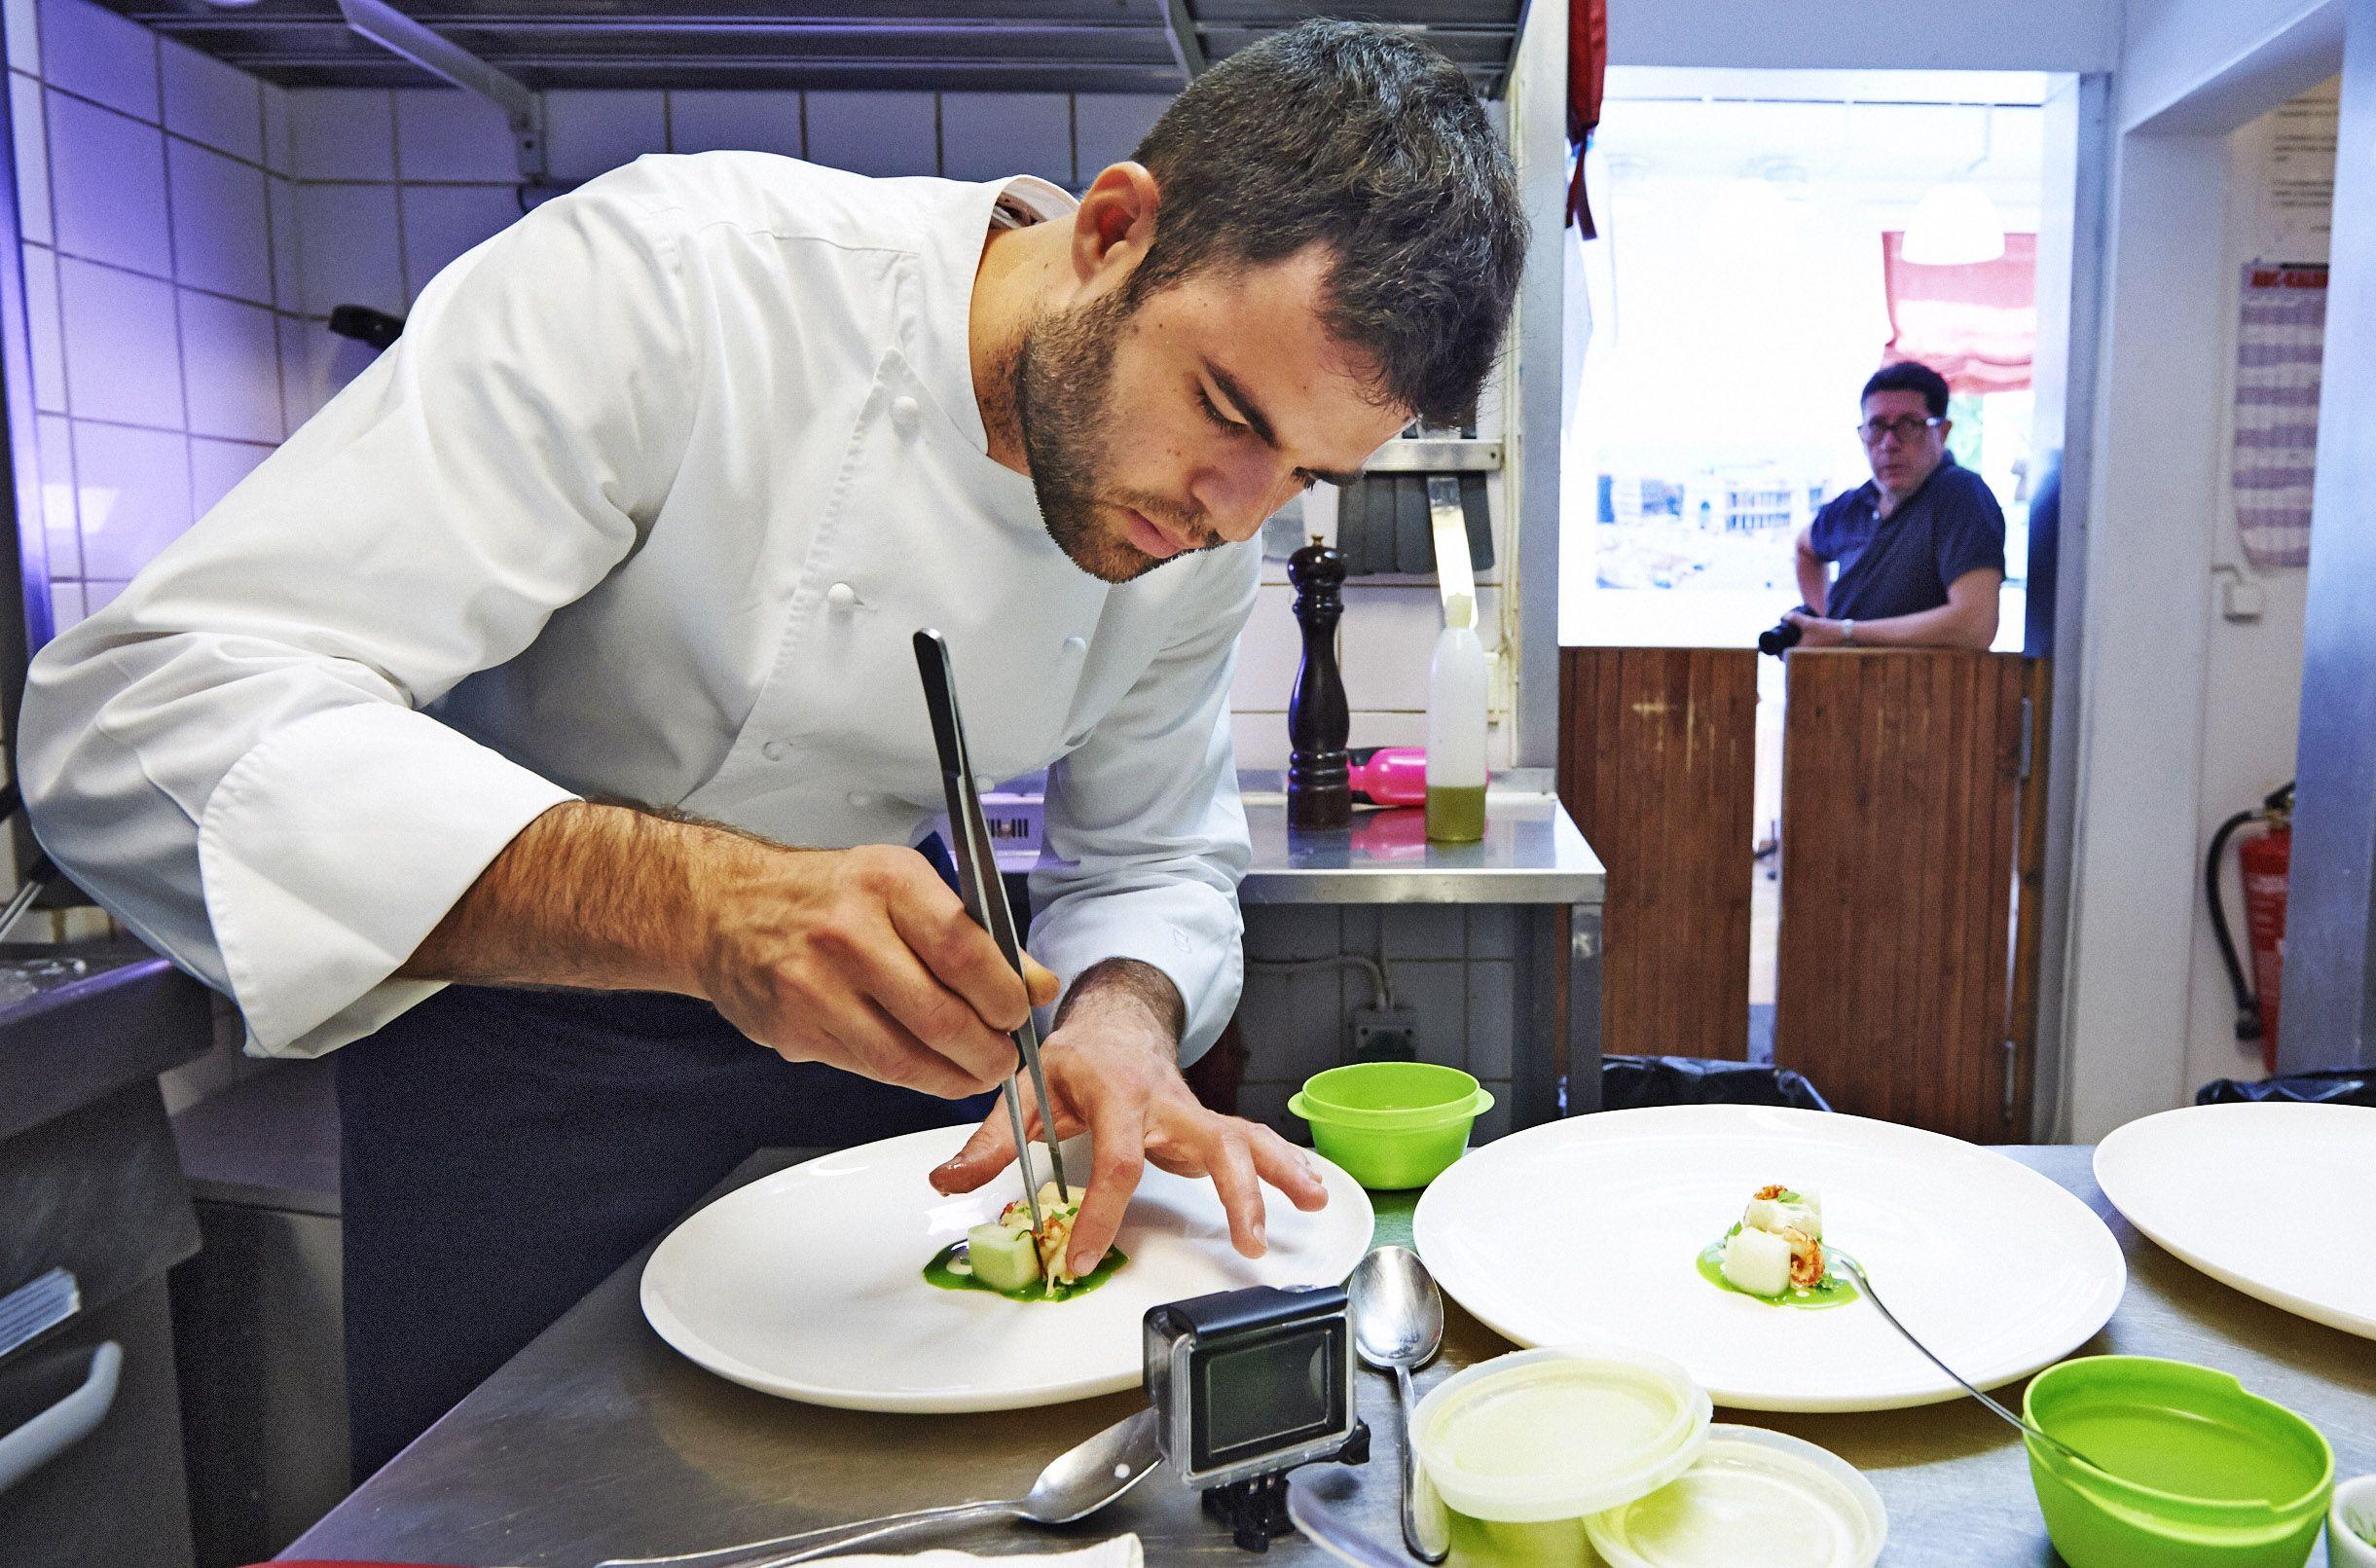 - Suomalaiset ja italialaiset ovat niin täysin erilaisia, että kommunikointi ei ole aina helppoa, miettii Sergio´s-ravintolan keittiömestari Barnardo Costantino. Taustalla ravintoloitsija Sergio Mansicalo.